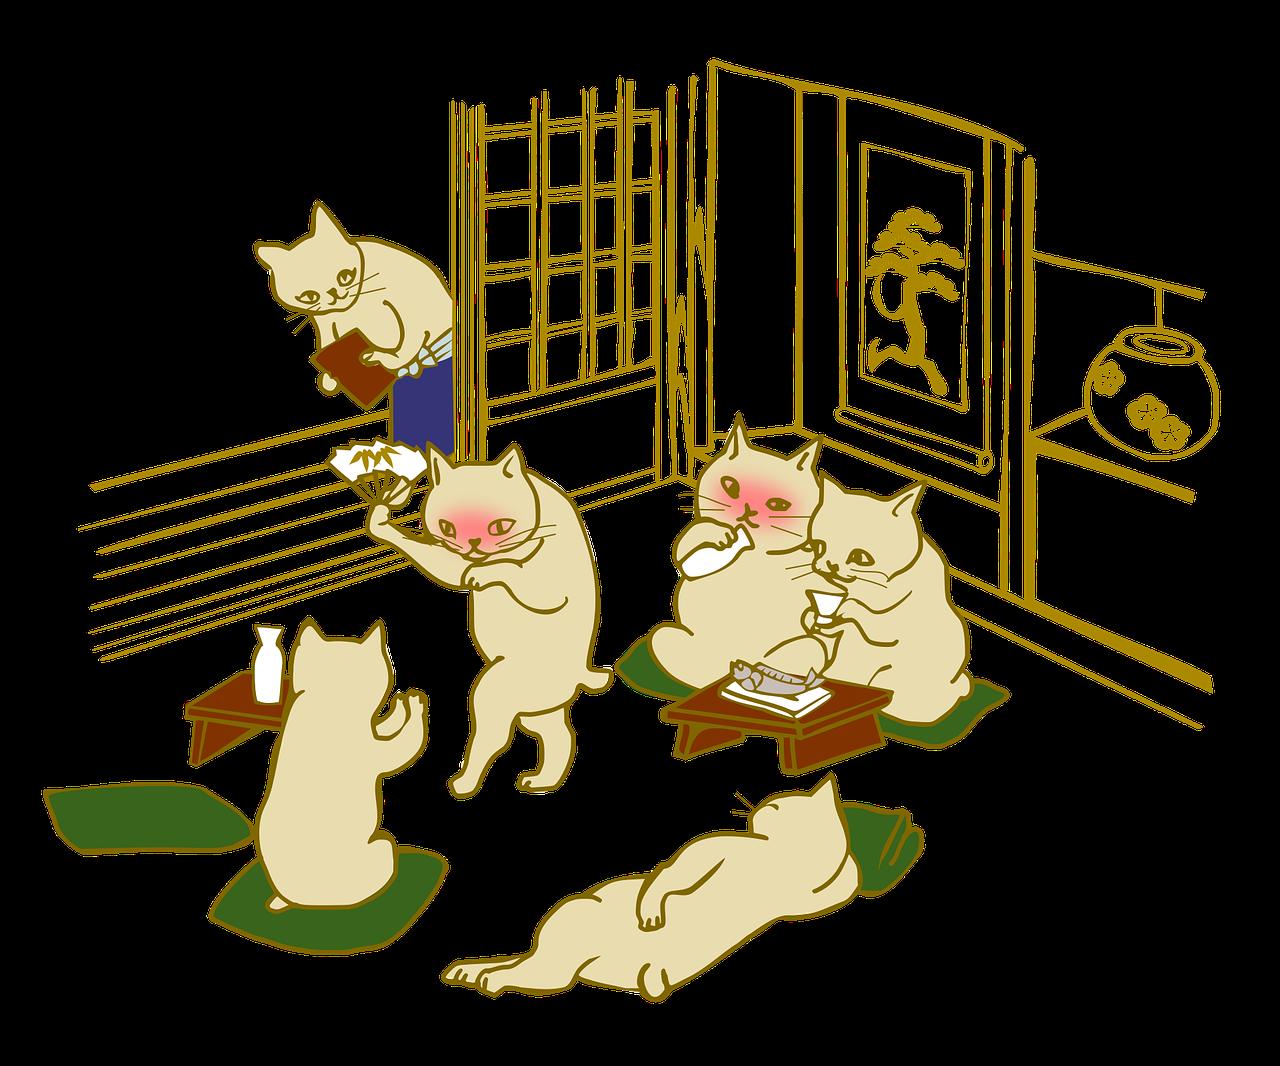 酔っぱらった猫(イラスト)